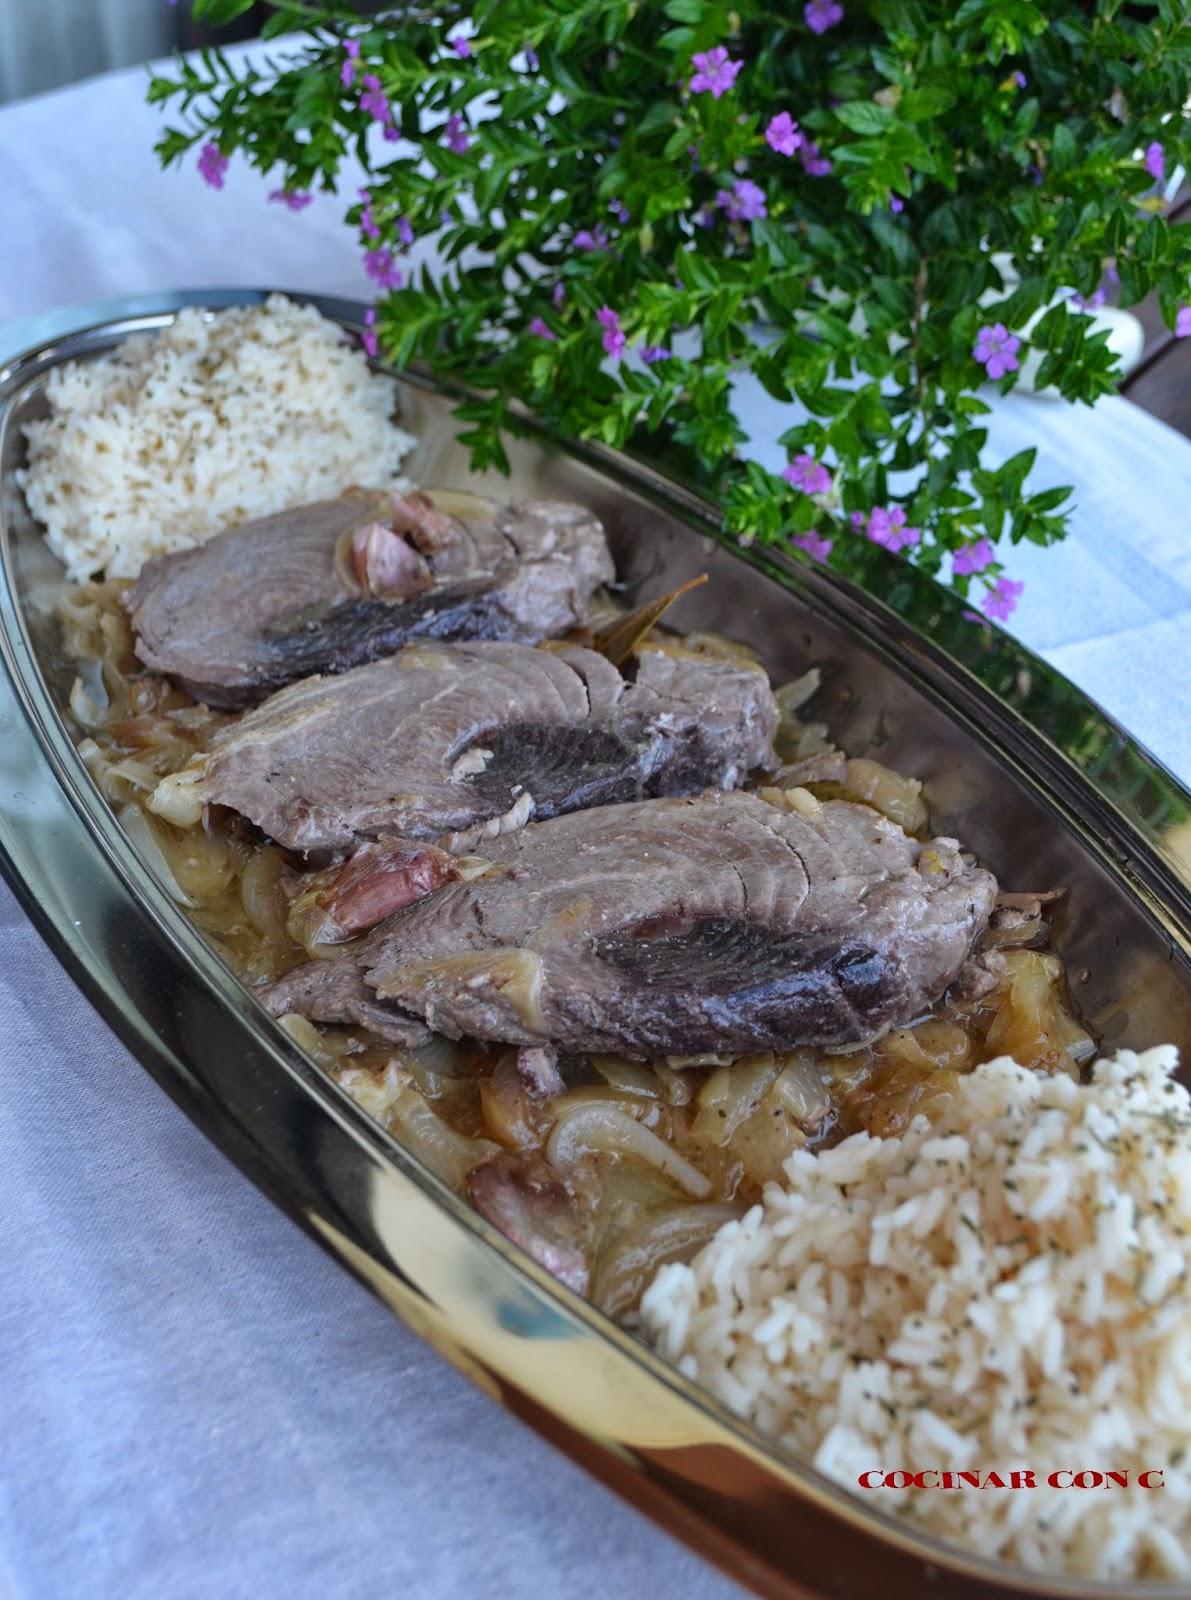 Cocinar con c atun rojo encebollado Cocinar con 5 ingredientes